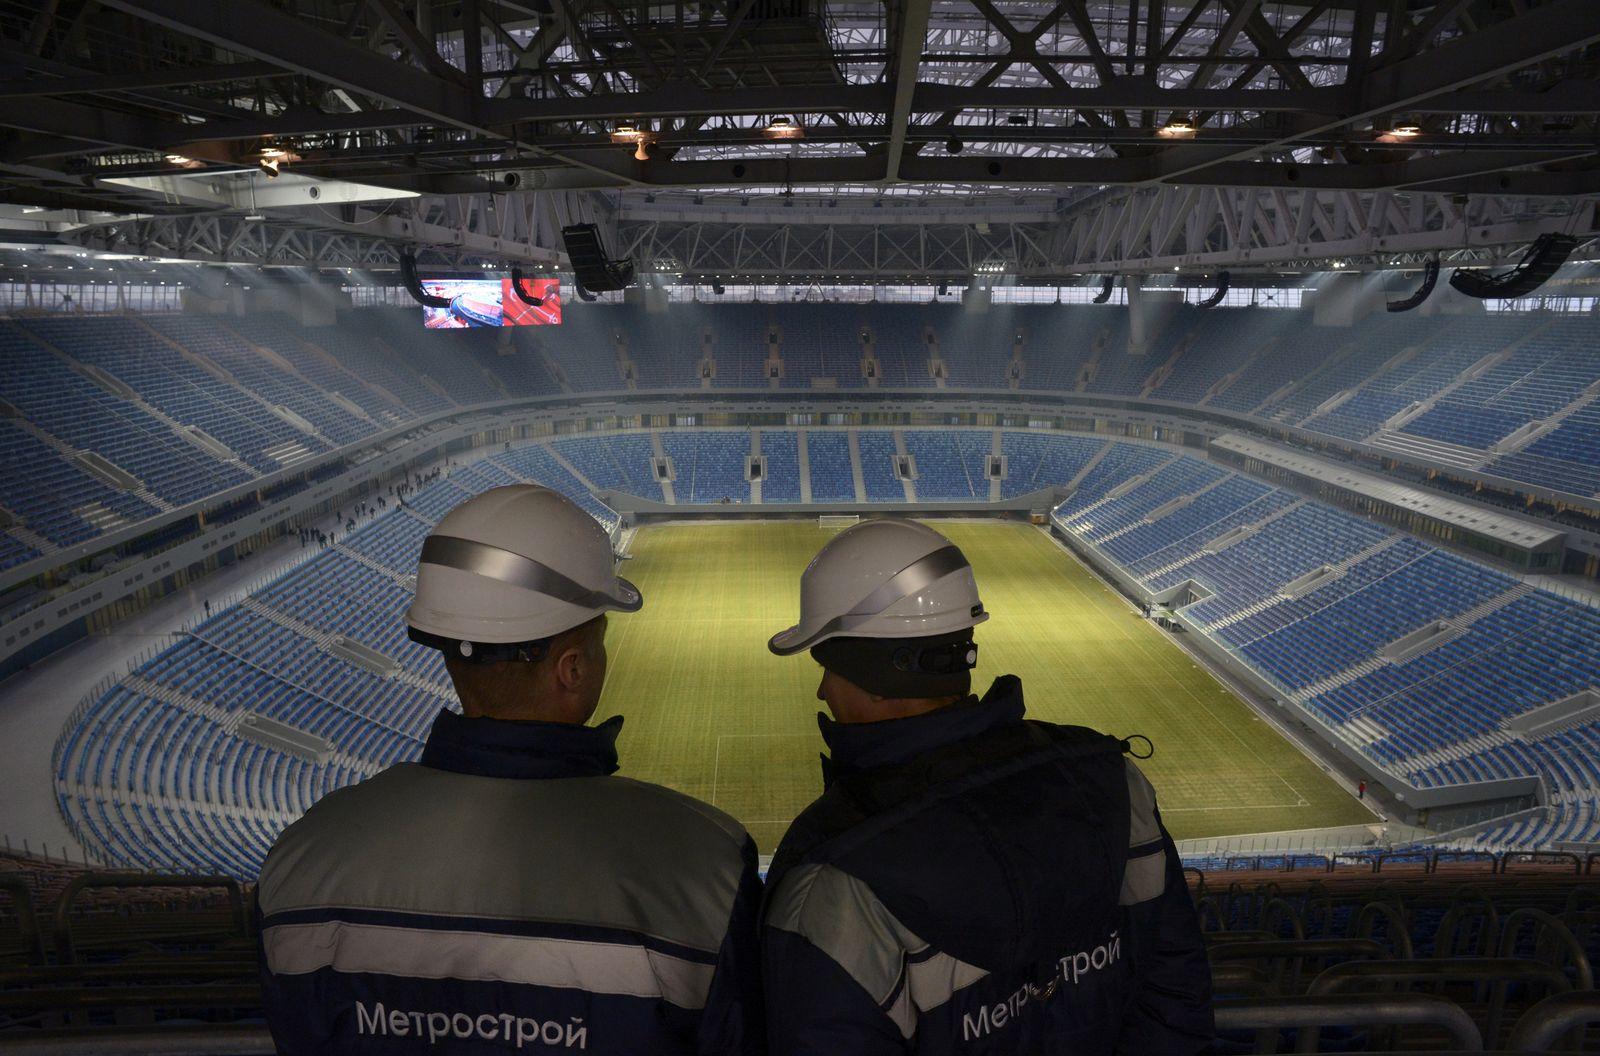 Zenit Arena / St. Petersburg